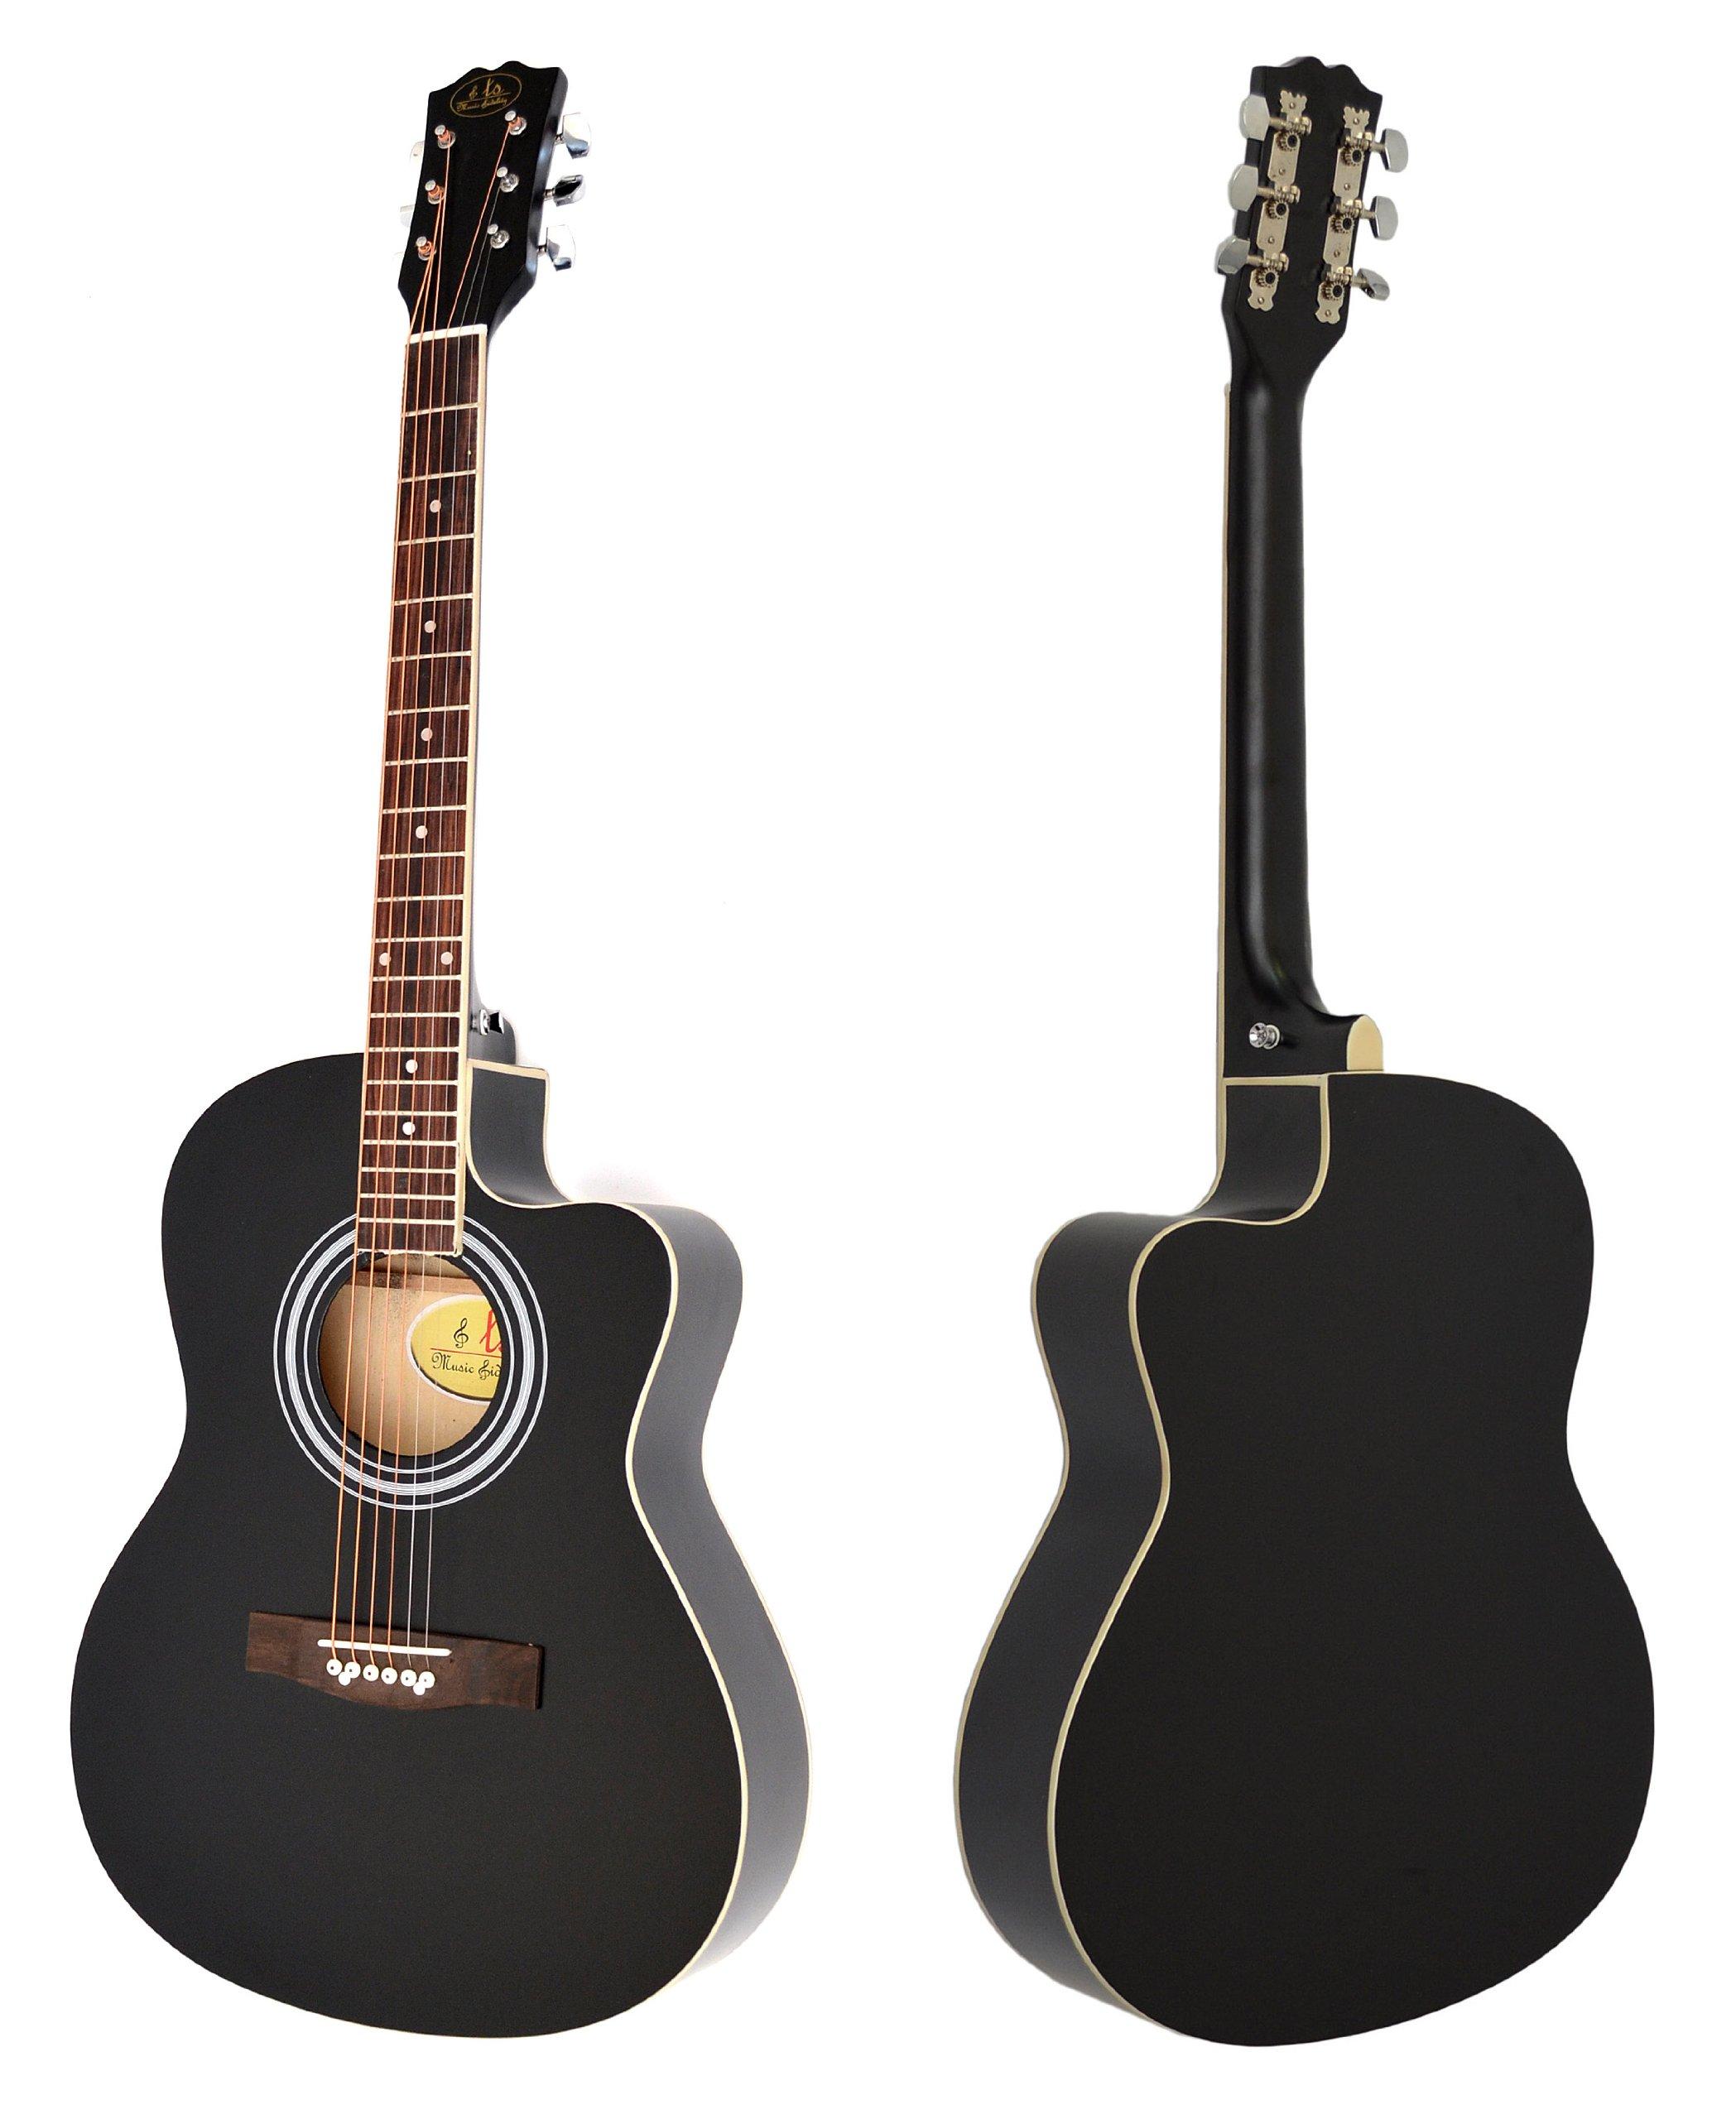 Ts-ideen - Guitarra acústica (tamaño 4/4, con cuerdas de recambio